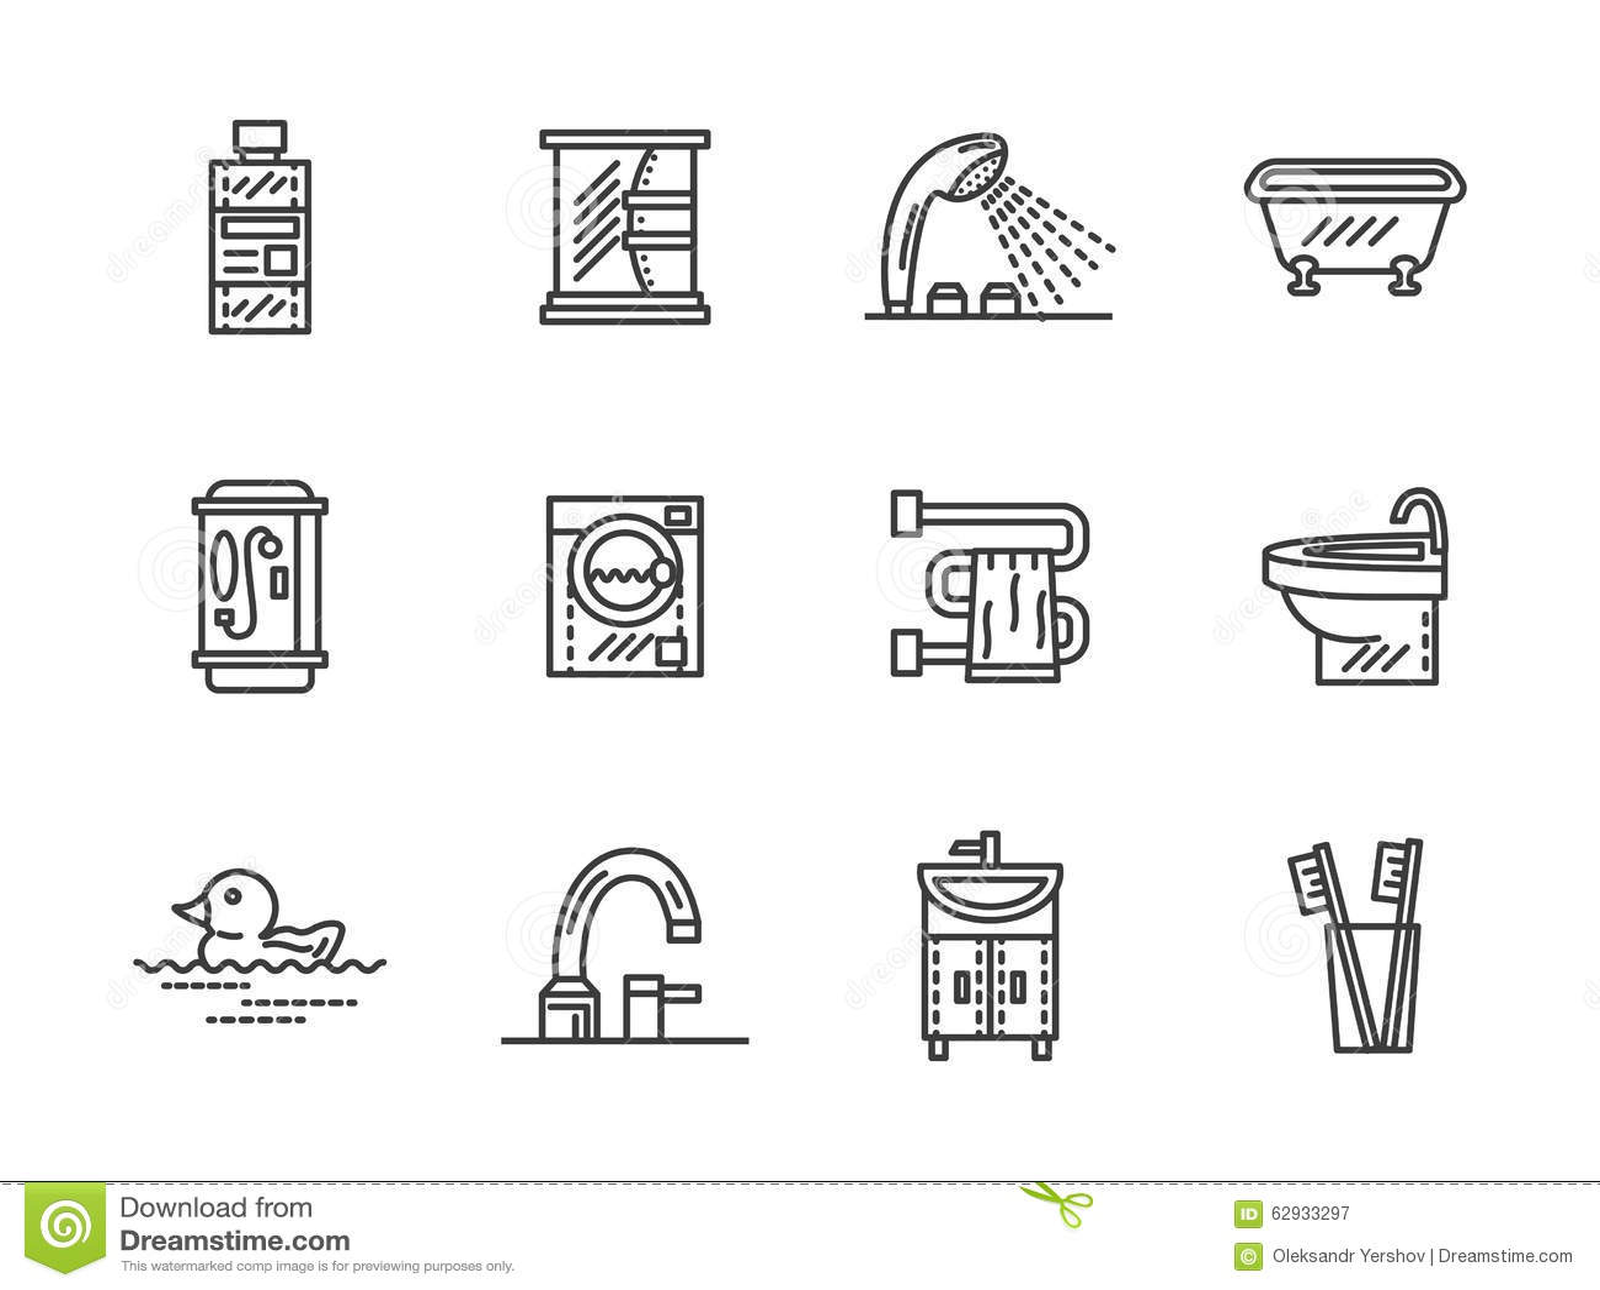 Bathroom Black Line Icons Stock Photo